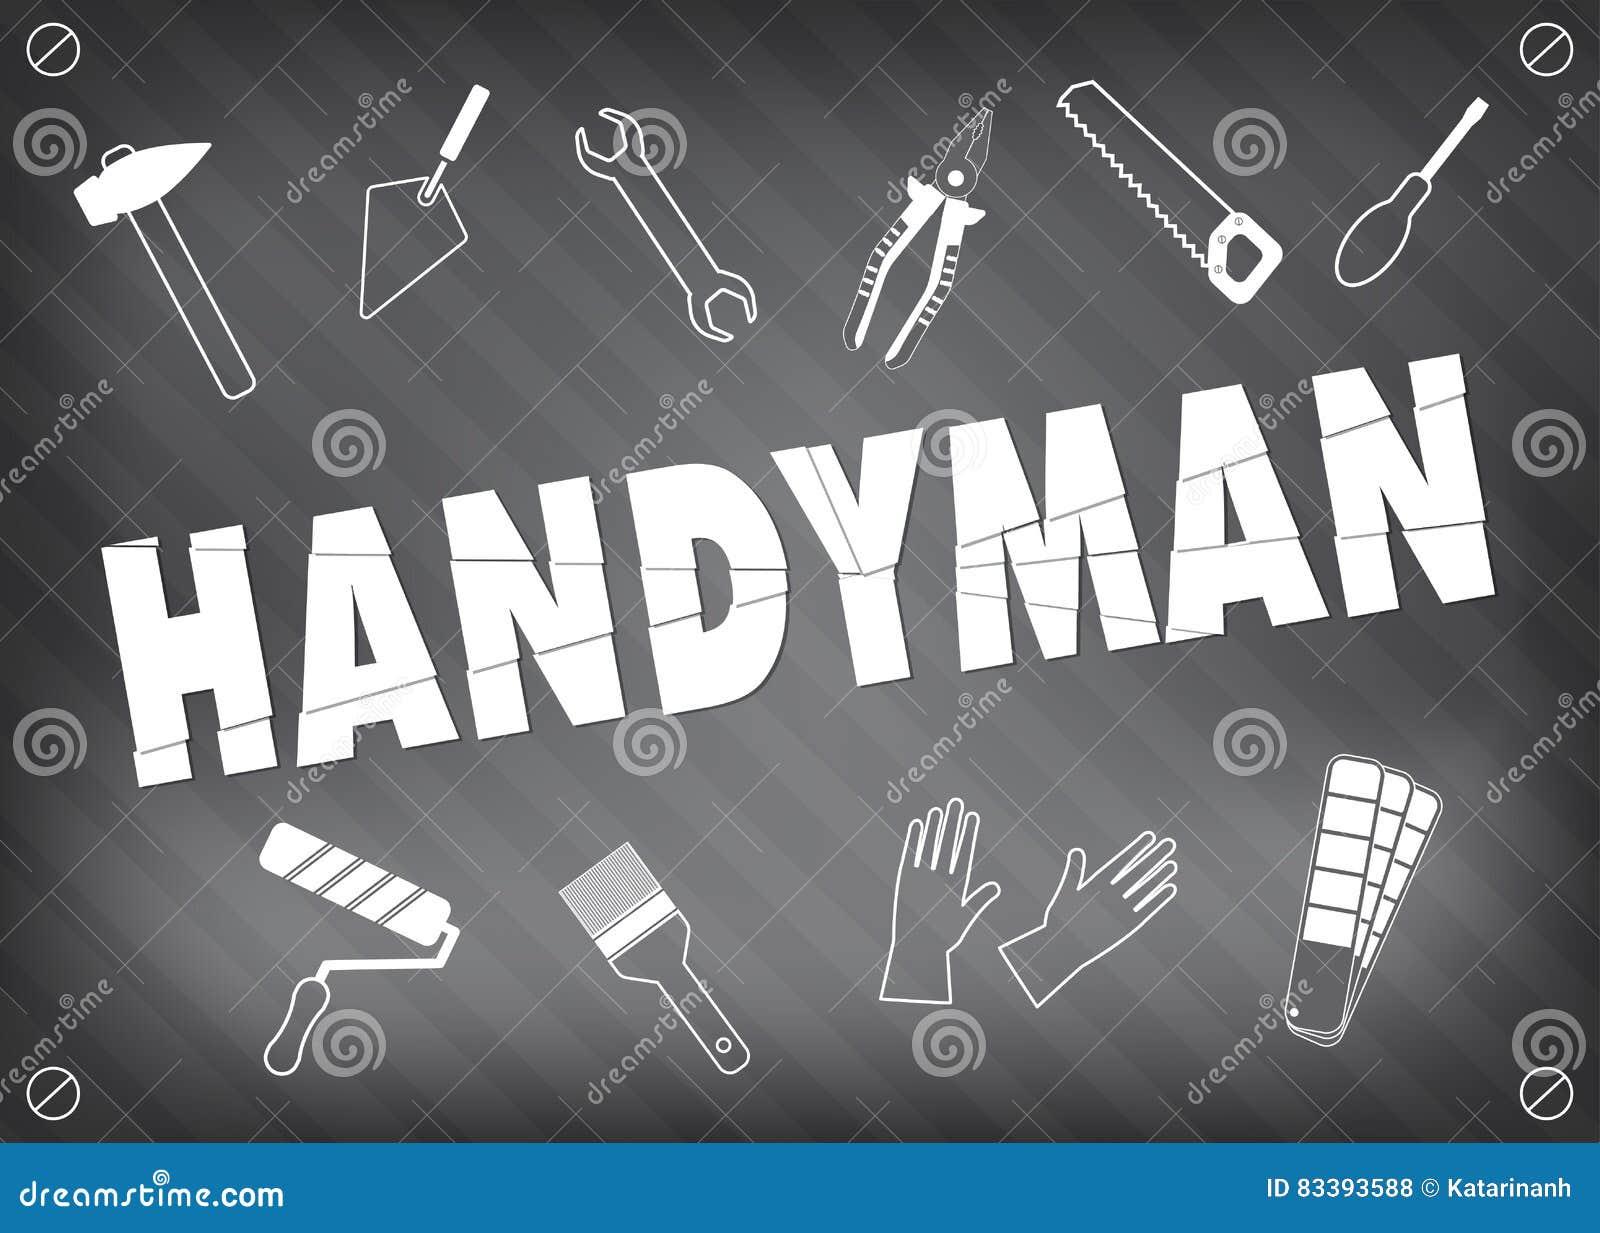 Handyman Service Logo In Grey Set Of Repair Tools